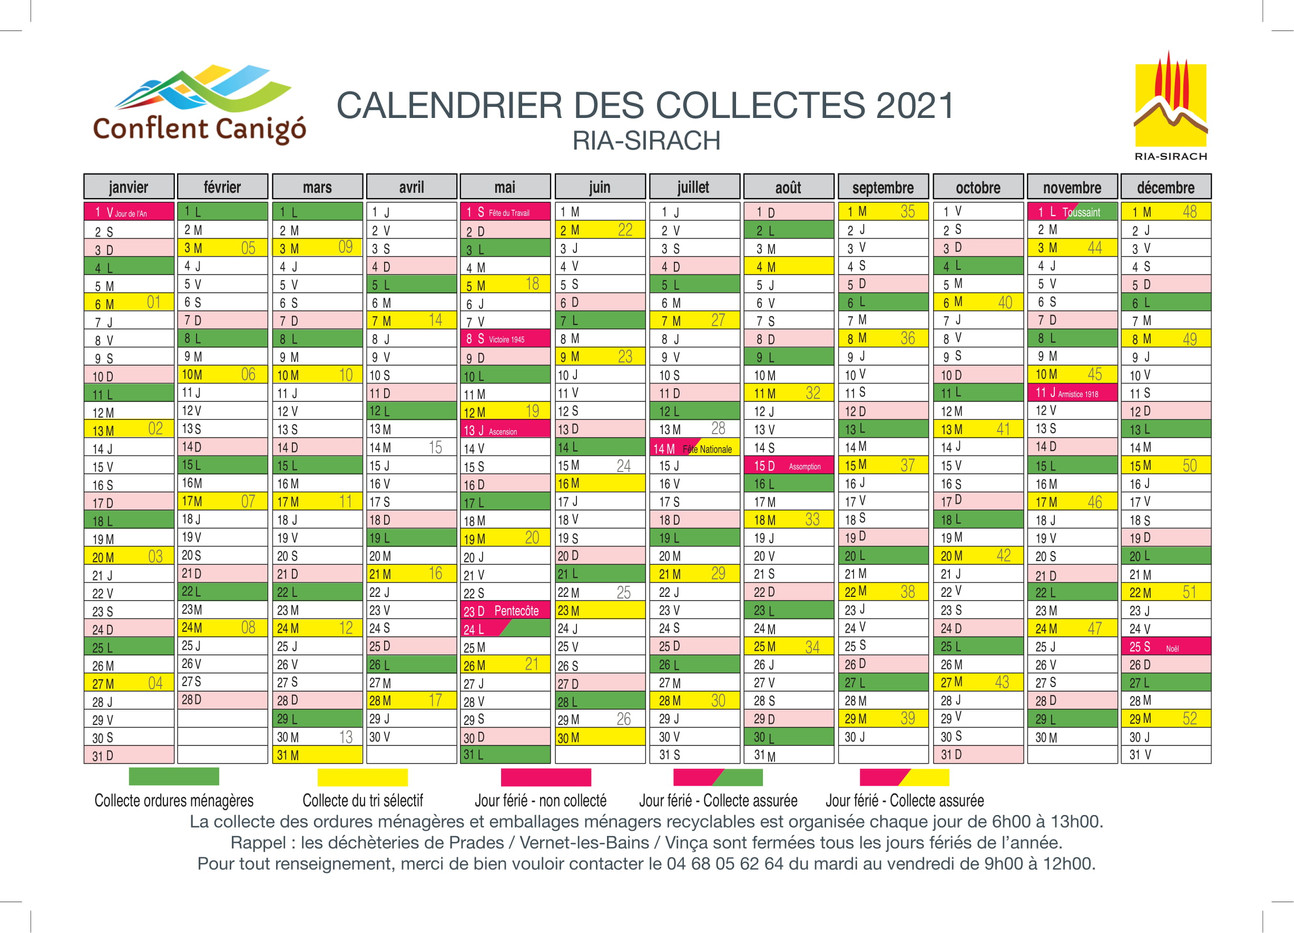 calendrier 2021 RIA-SIRACH-1.jpg